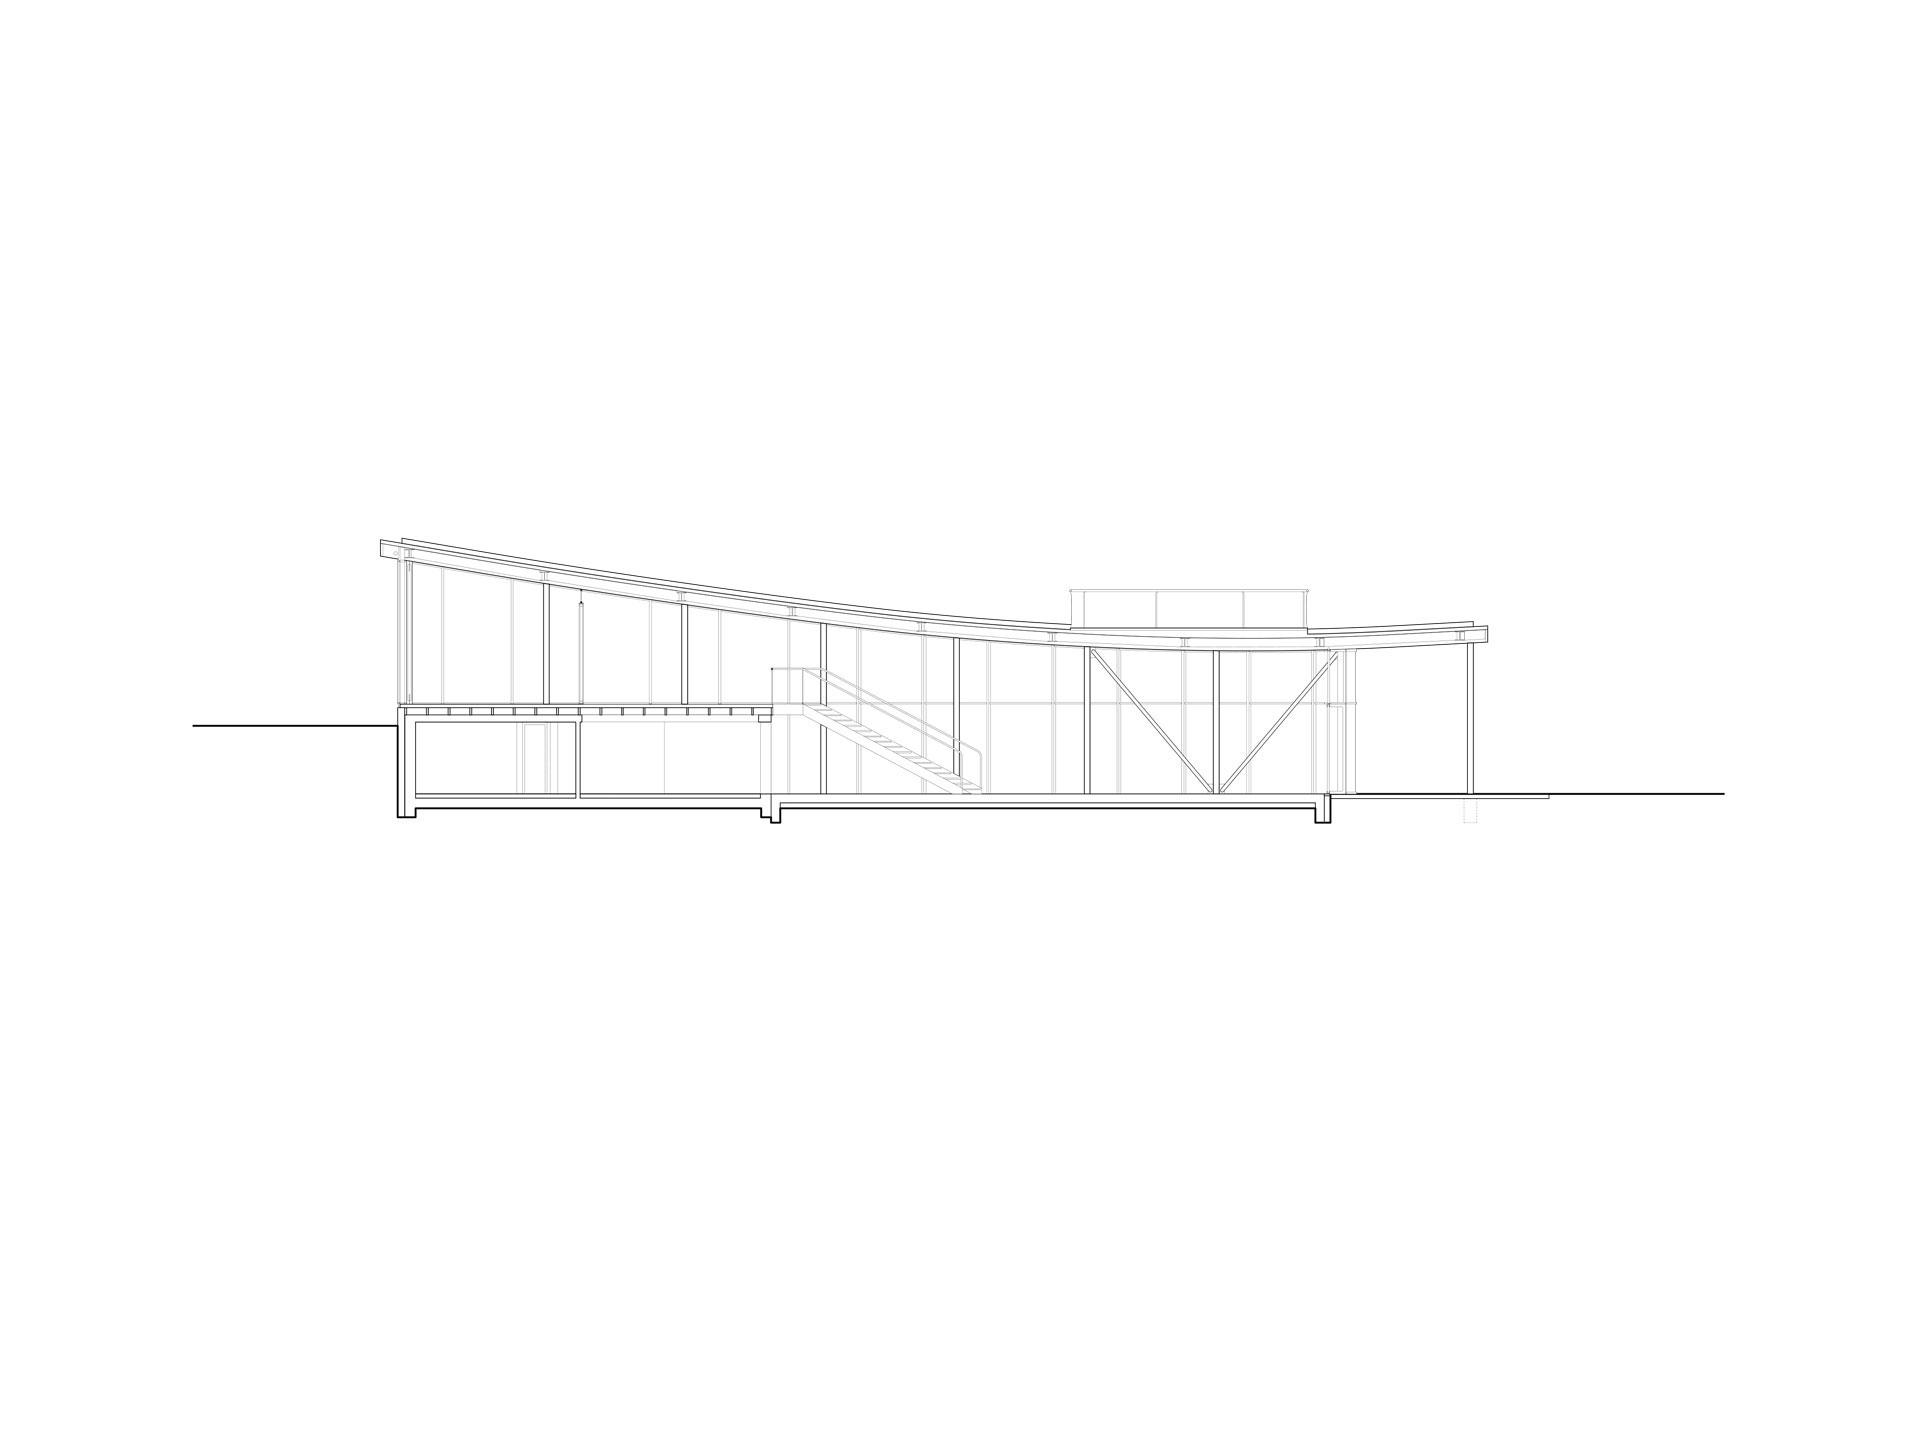 Längsschnitt den Hauptraum mit Gartenanbindung im Erdgeschoss wie auch im Obergeschoss